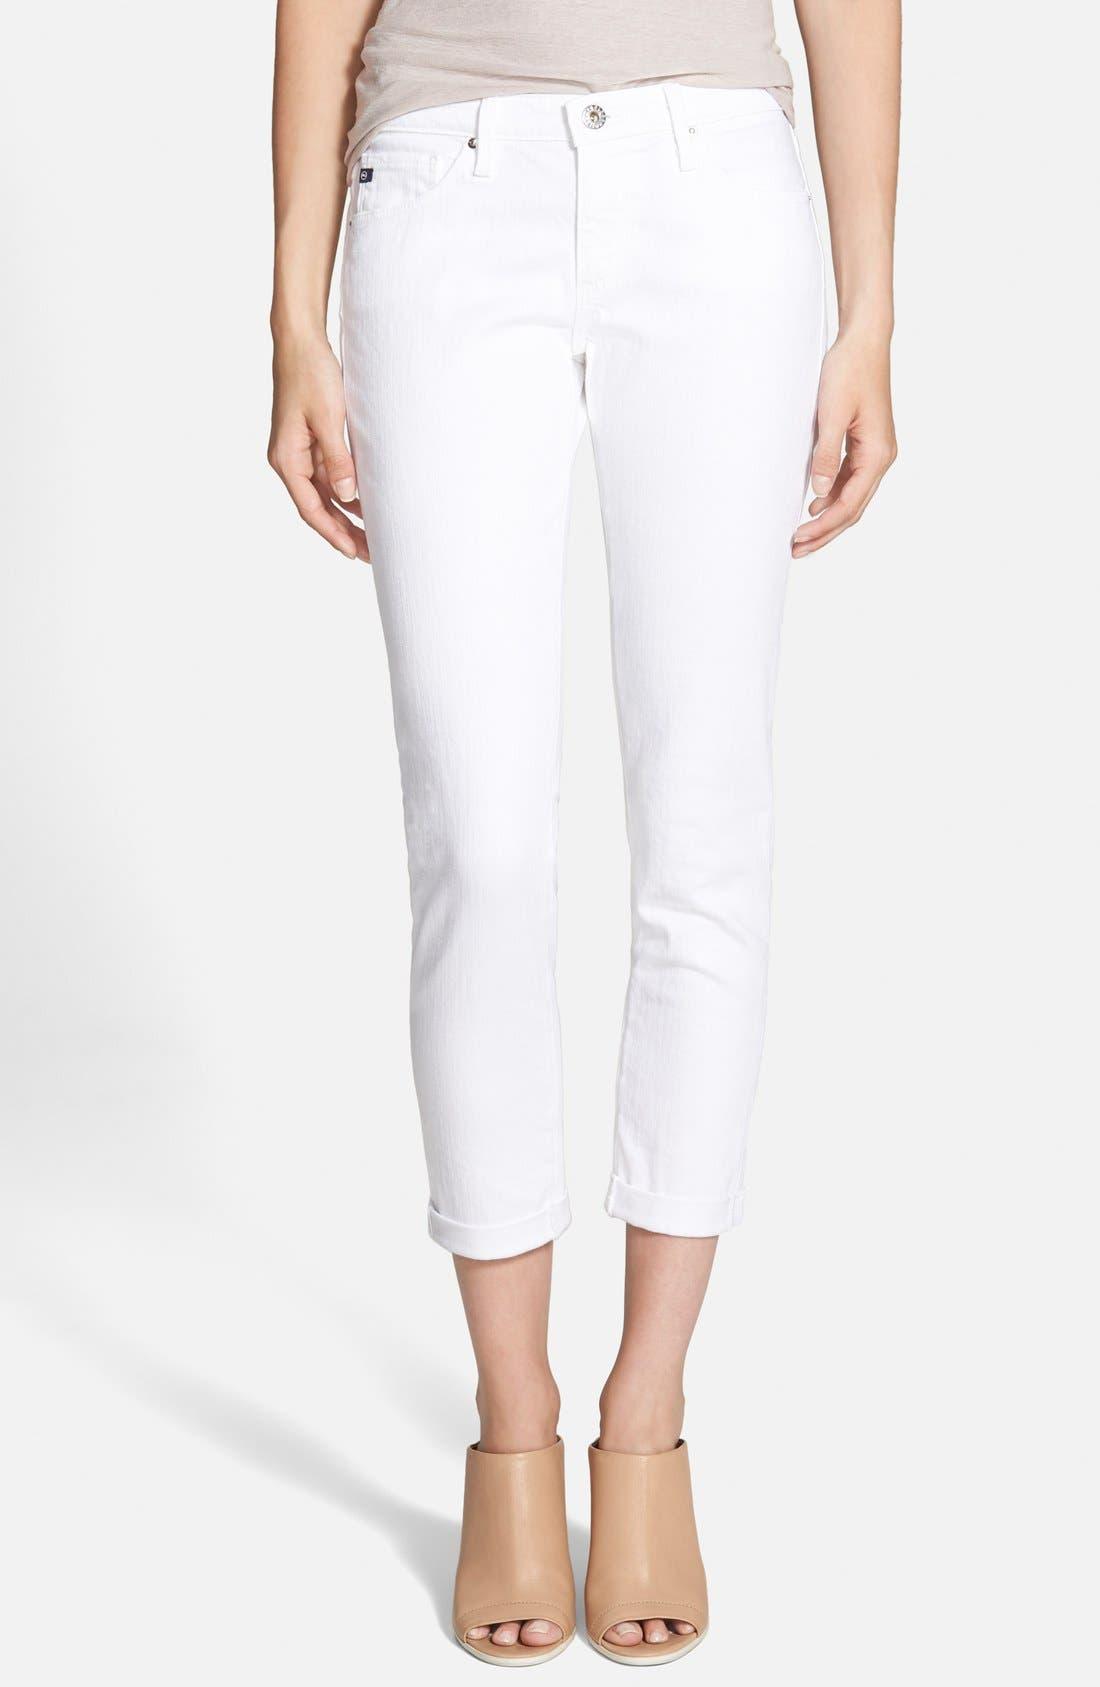 Main Image - AG 'Stilt' Roll Cuff Skinny Jeans (White)